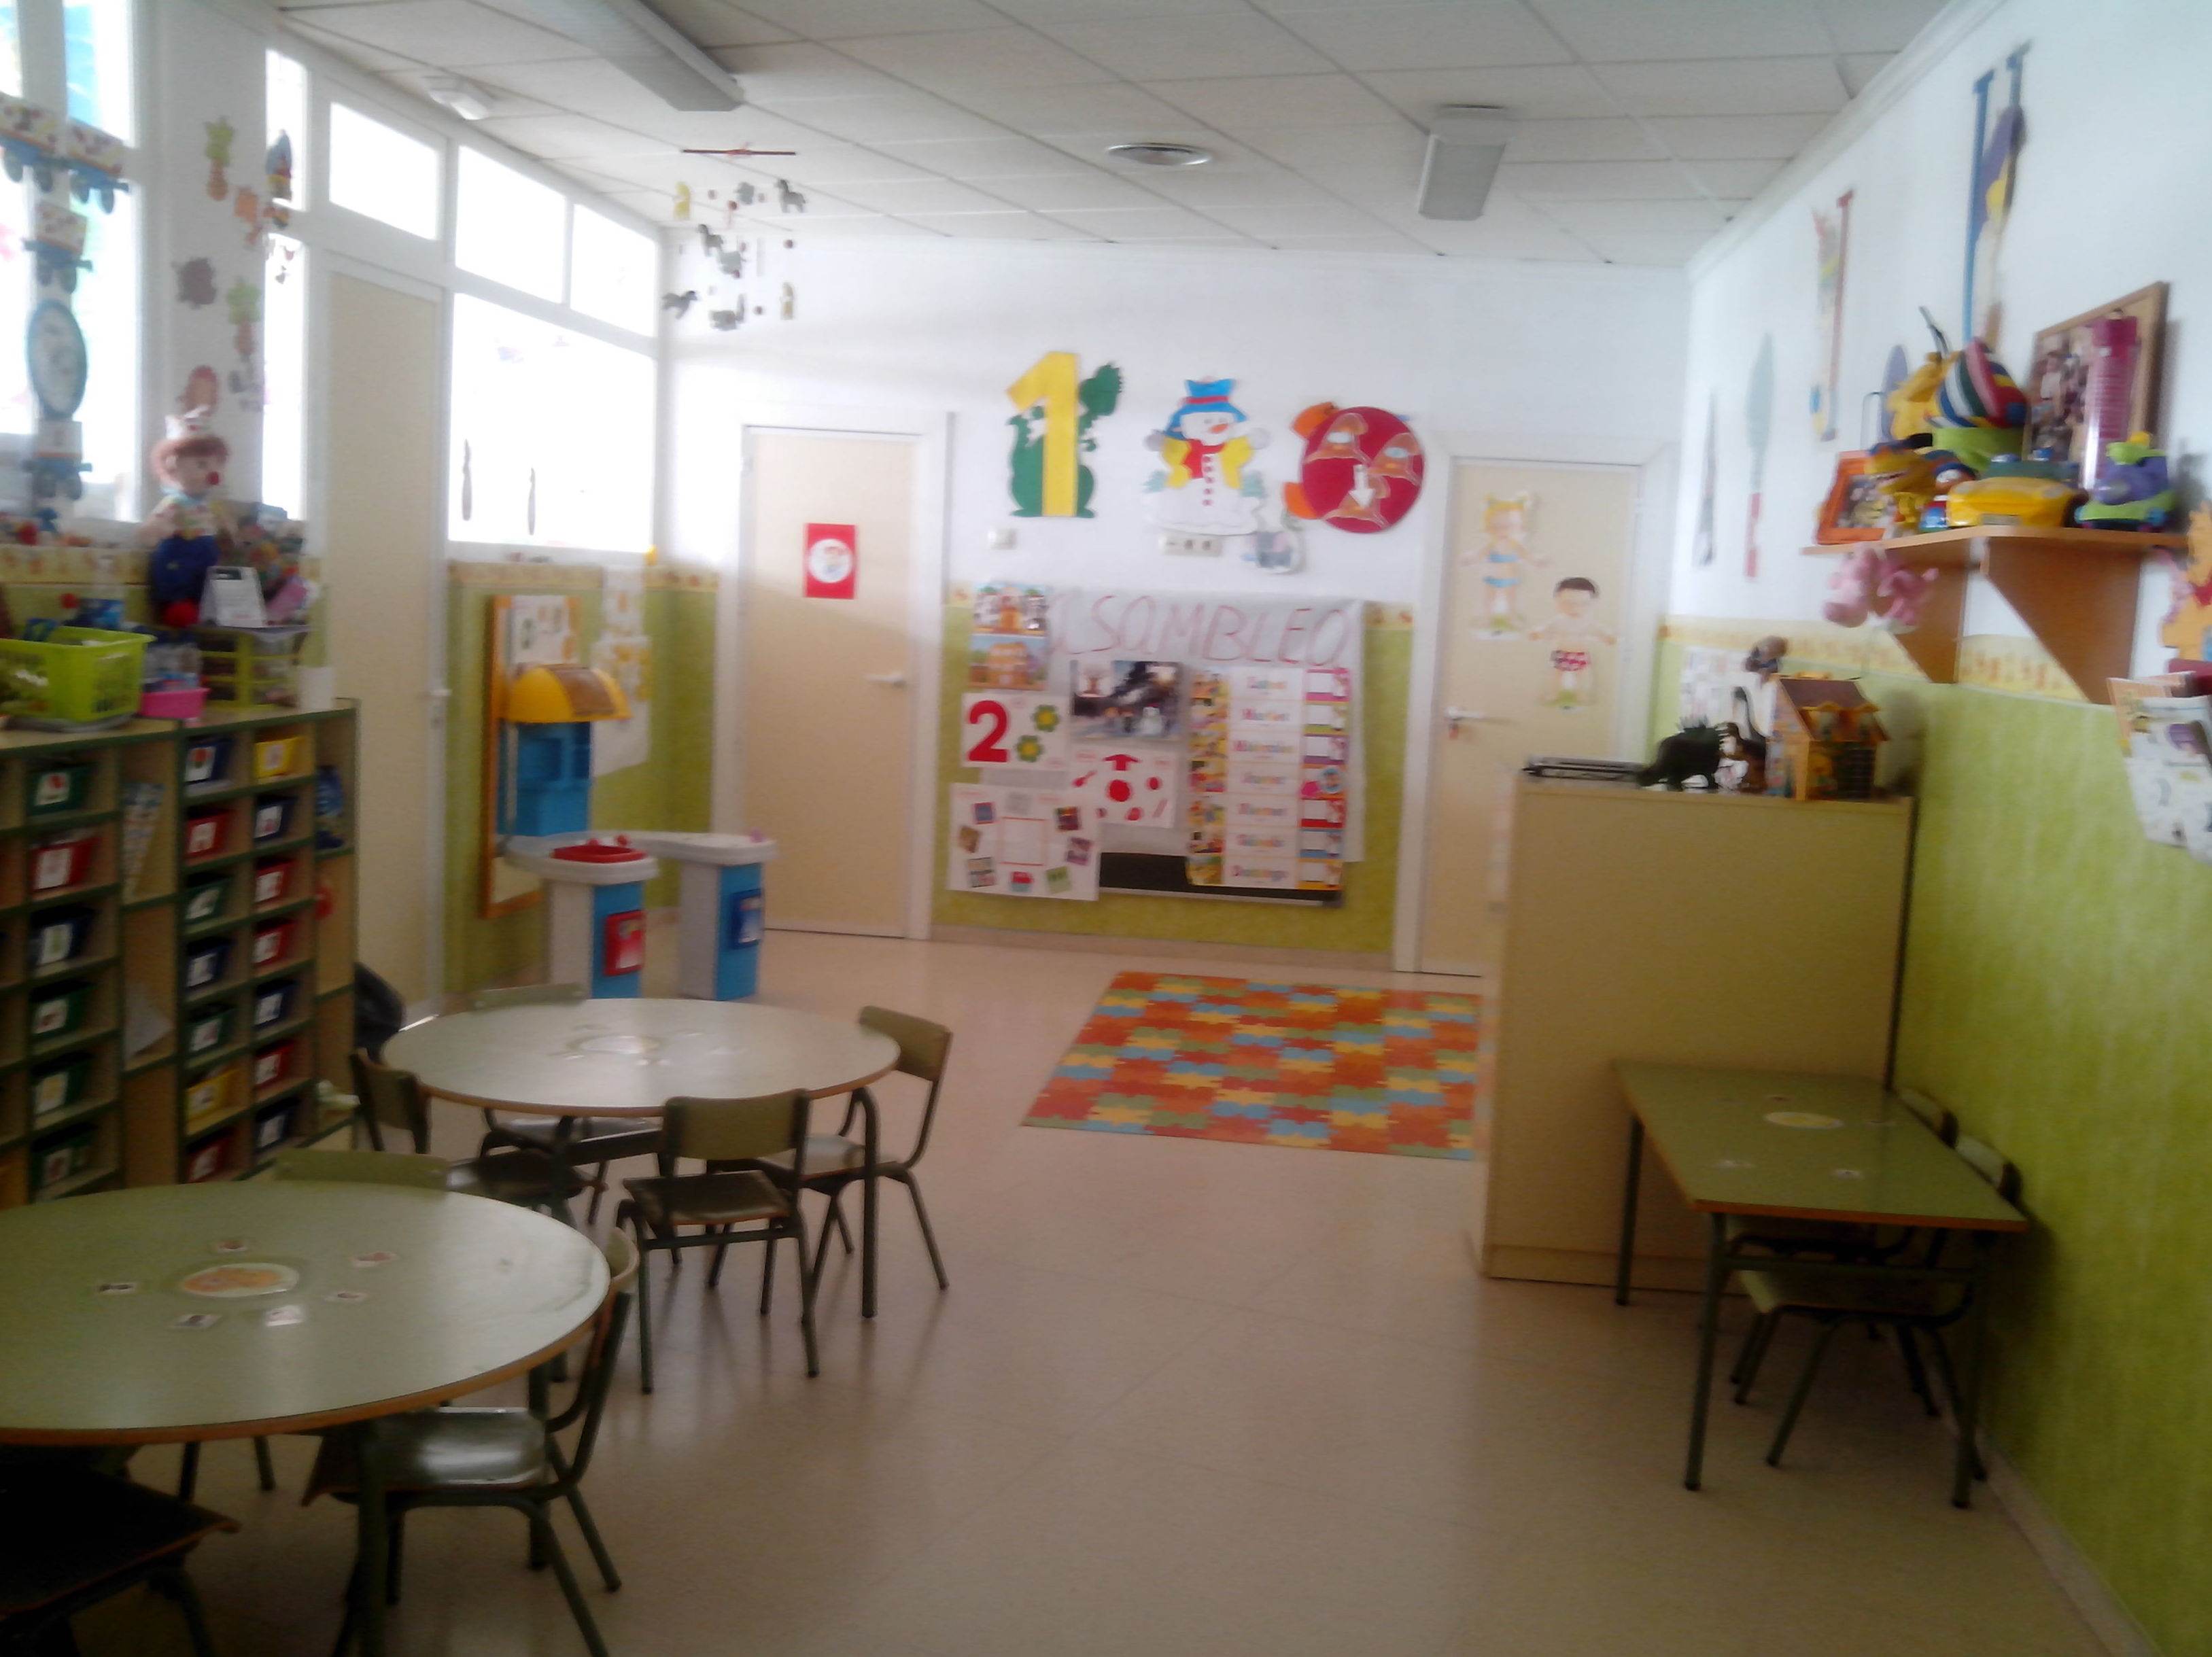 Foto 23 de Guarderías en Albacete | Escuela Infantil Ñacos